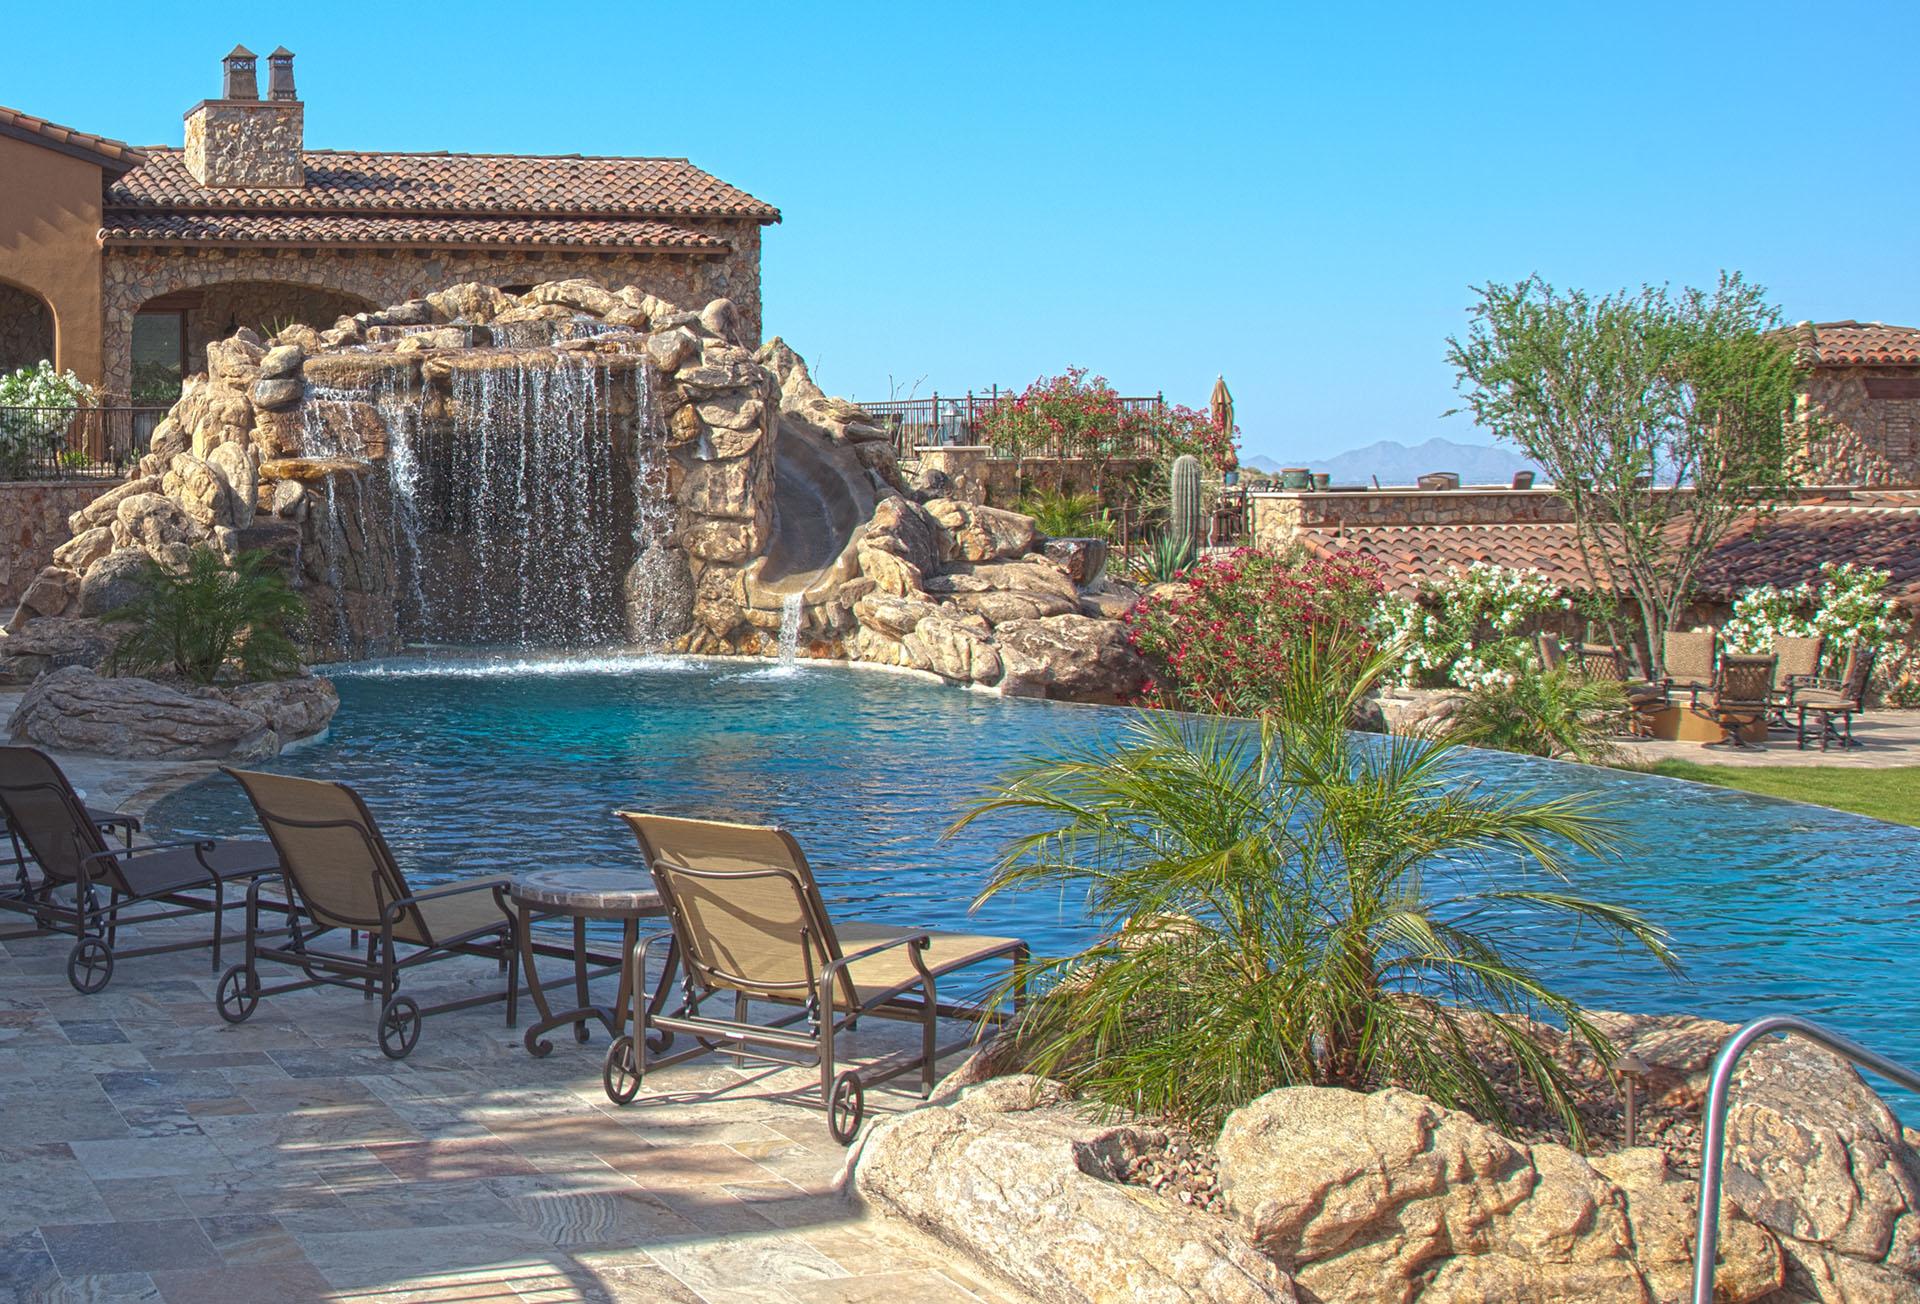 No limit pools spas in mesa az 602 421 9 for Pools in mesa az